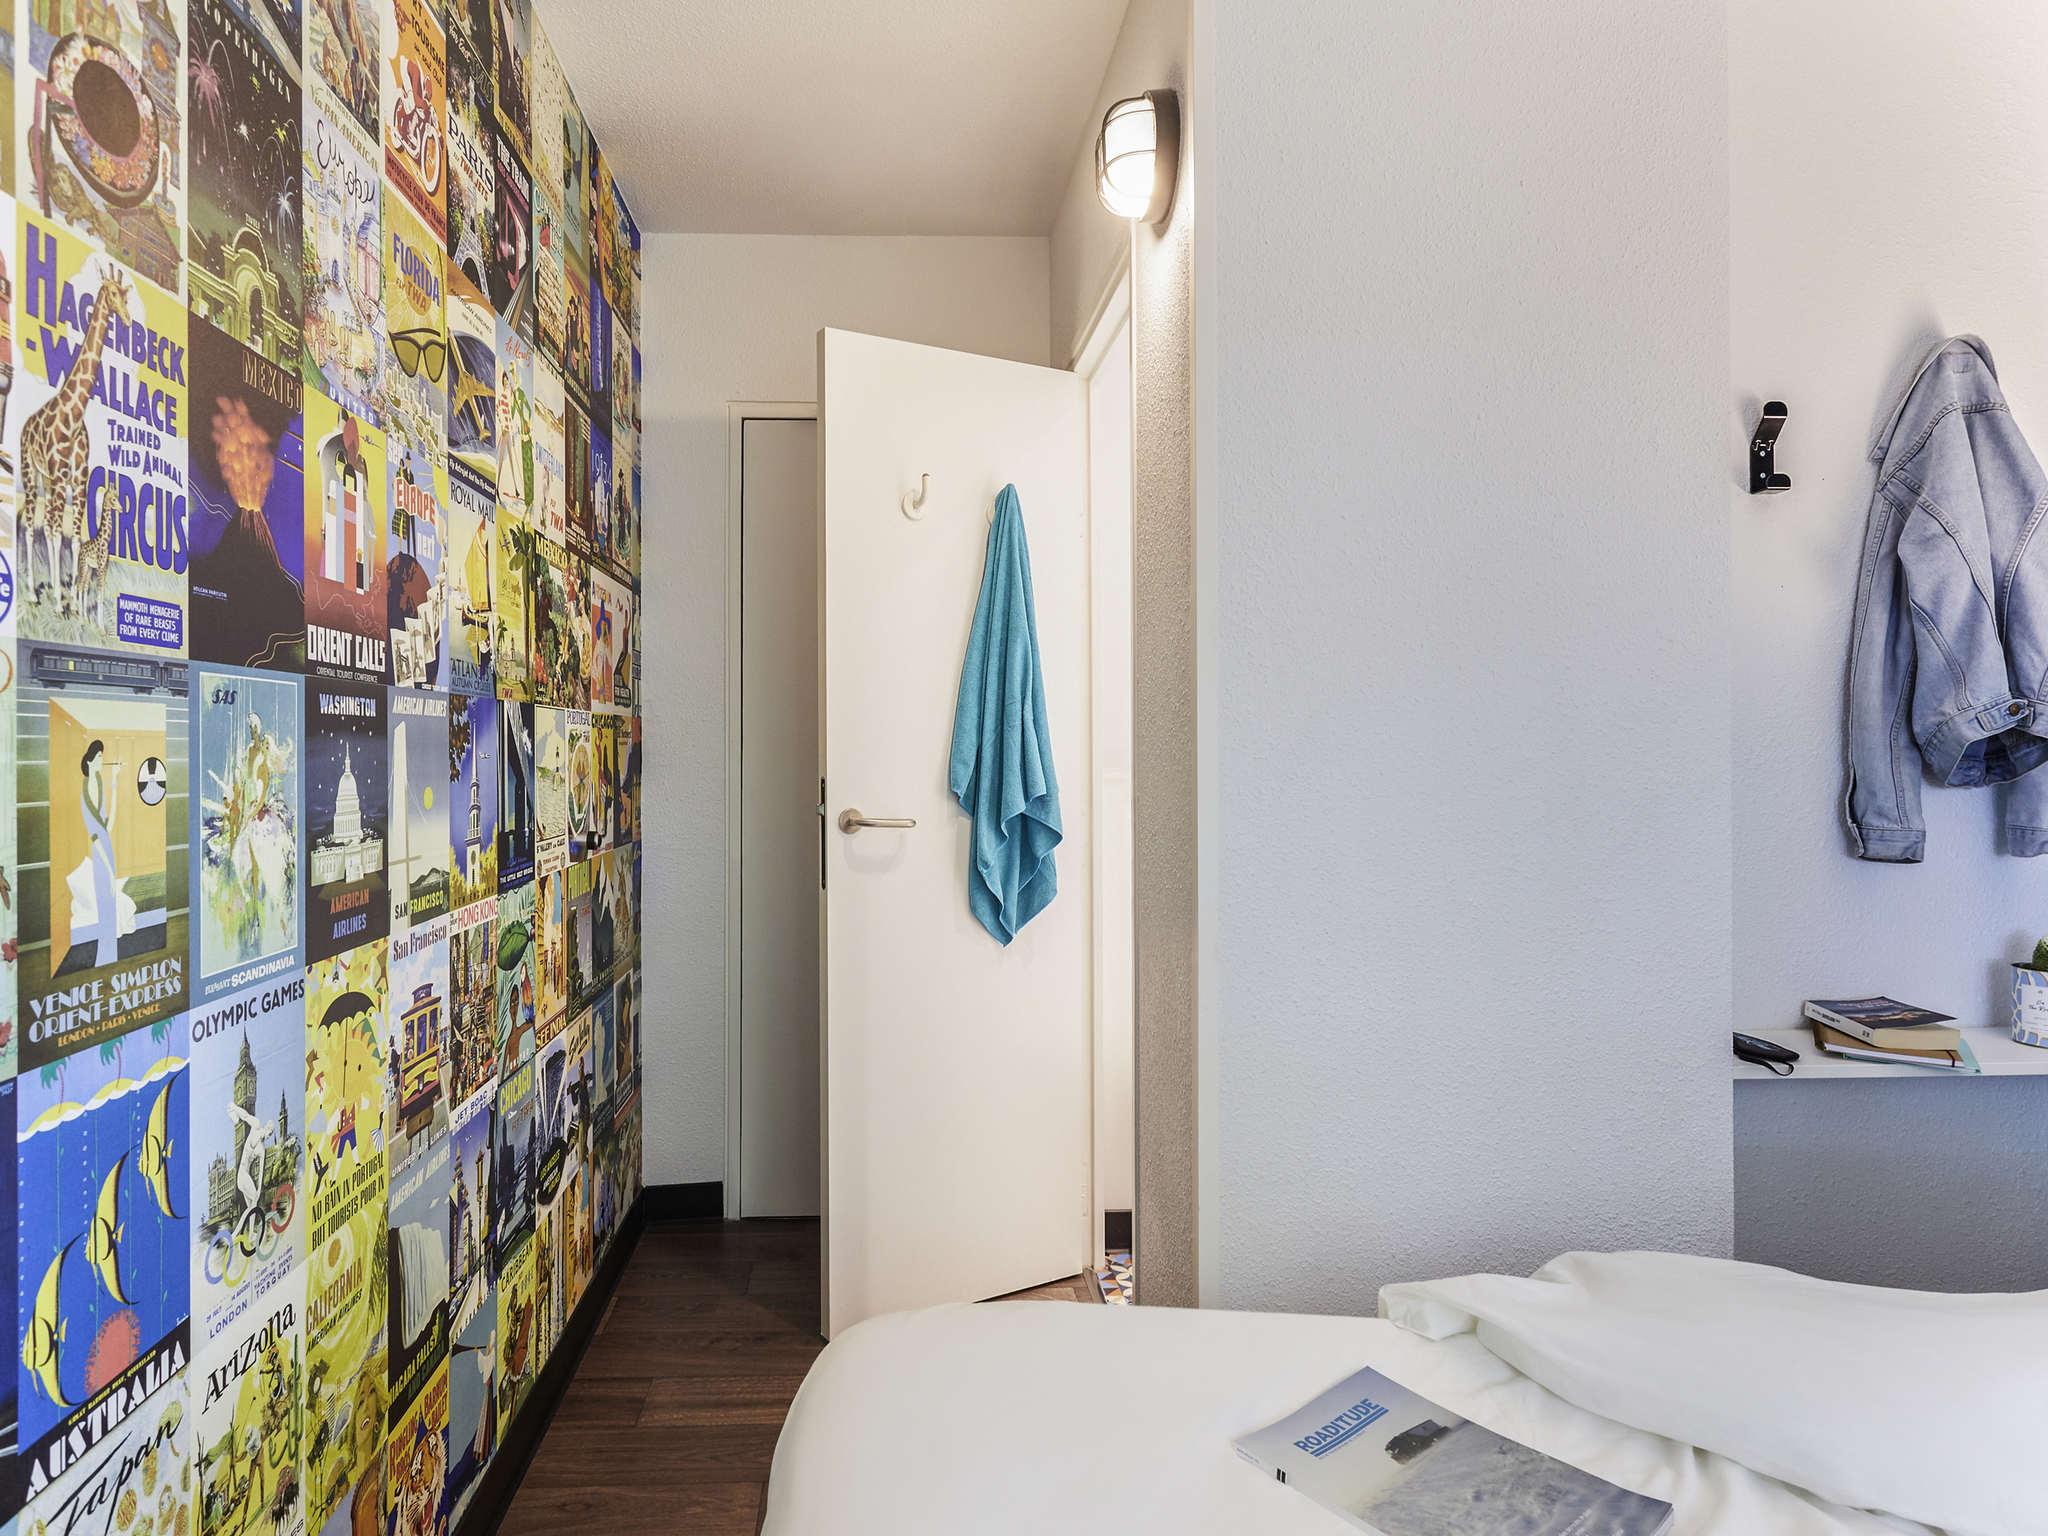 โรงแรม – hotelF1 Mulhouse Bâle Aéroport